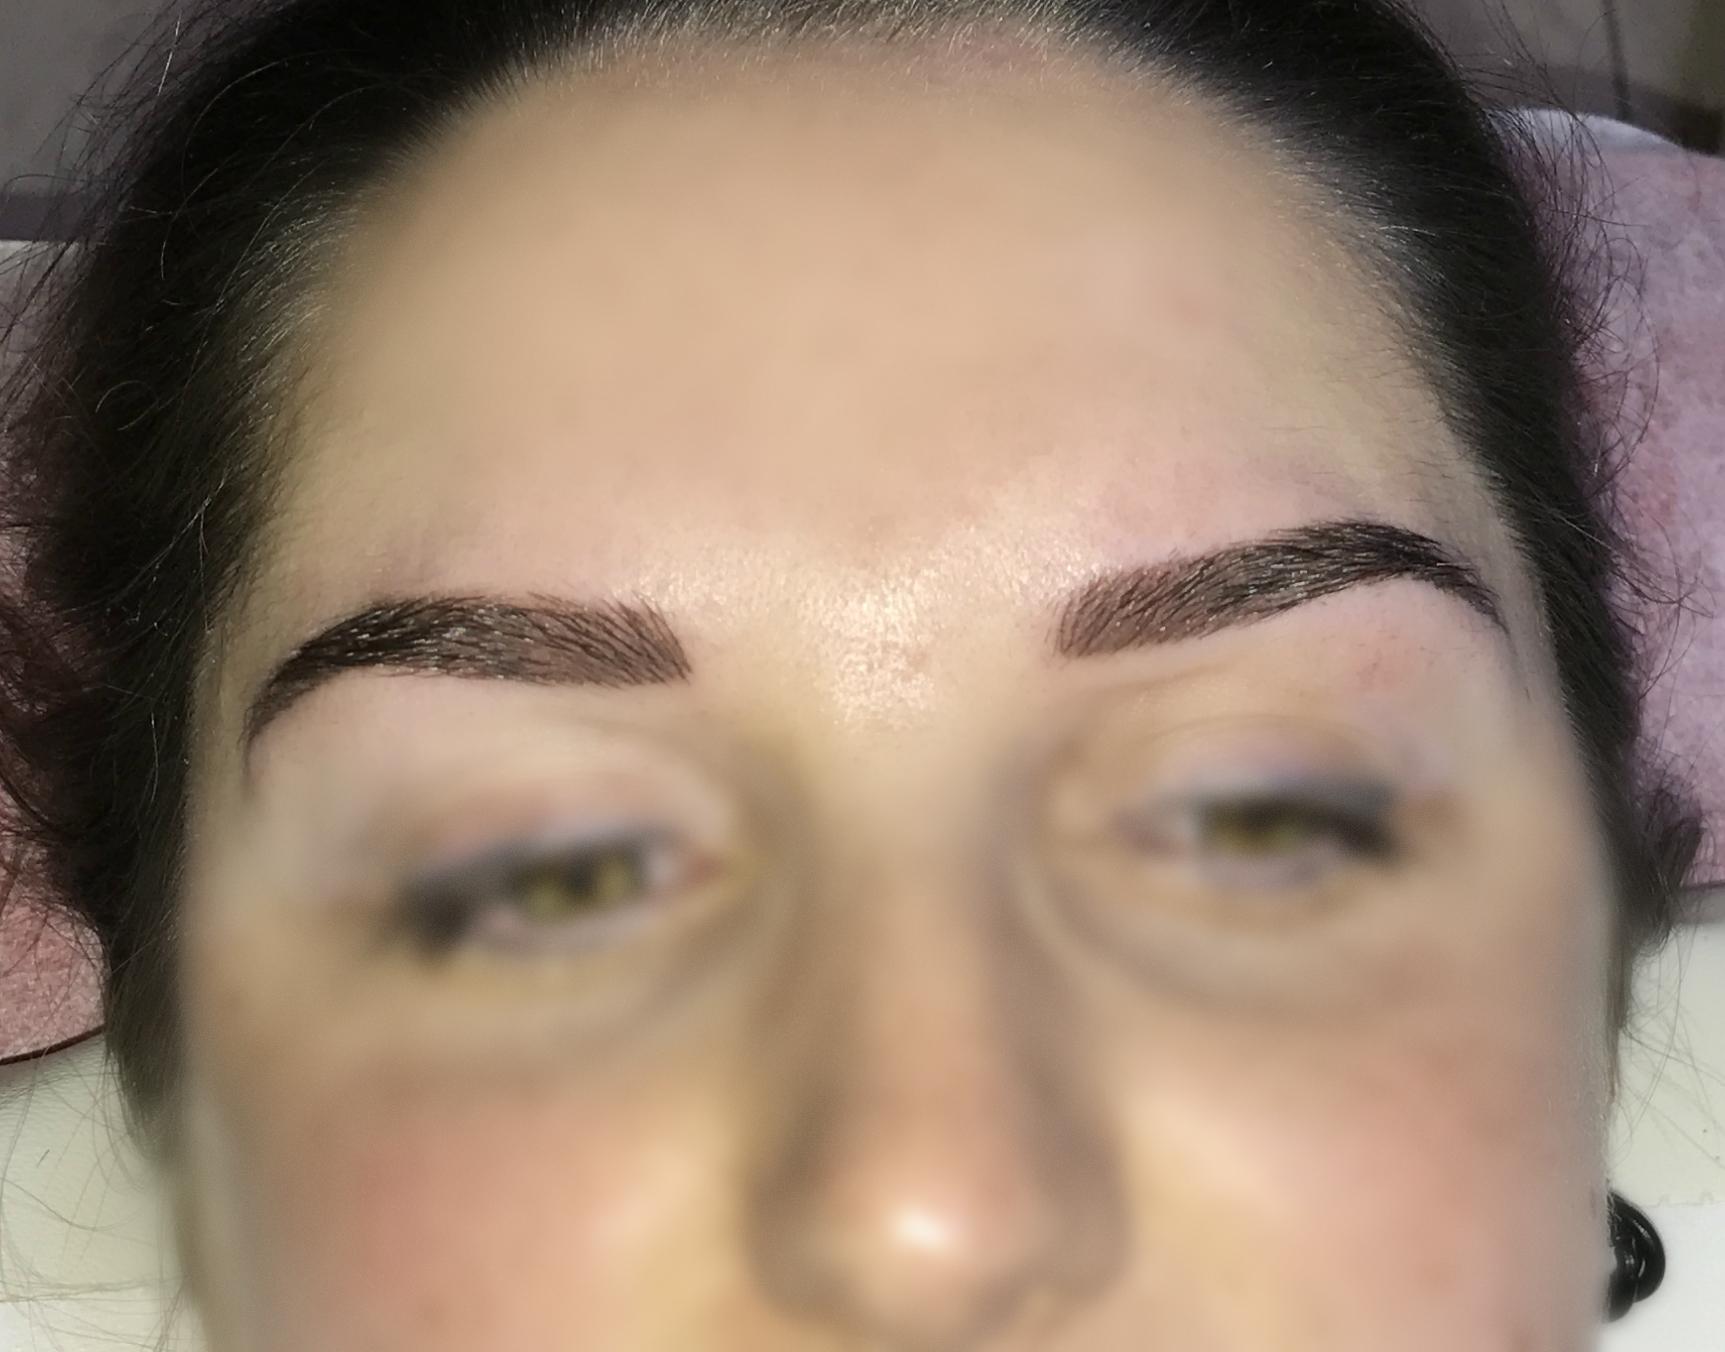 5. - Meteen na de behandeling ziet de aangebrachte permanente makeup er wat donker uit. Dit isvolkomen normaal en komt omdat jouw huid een beetje